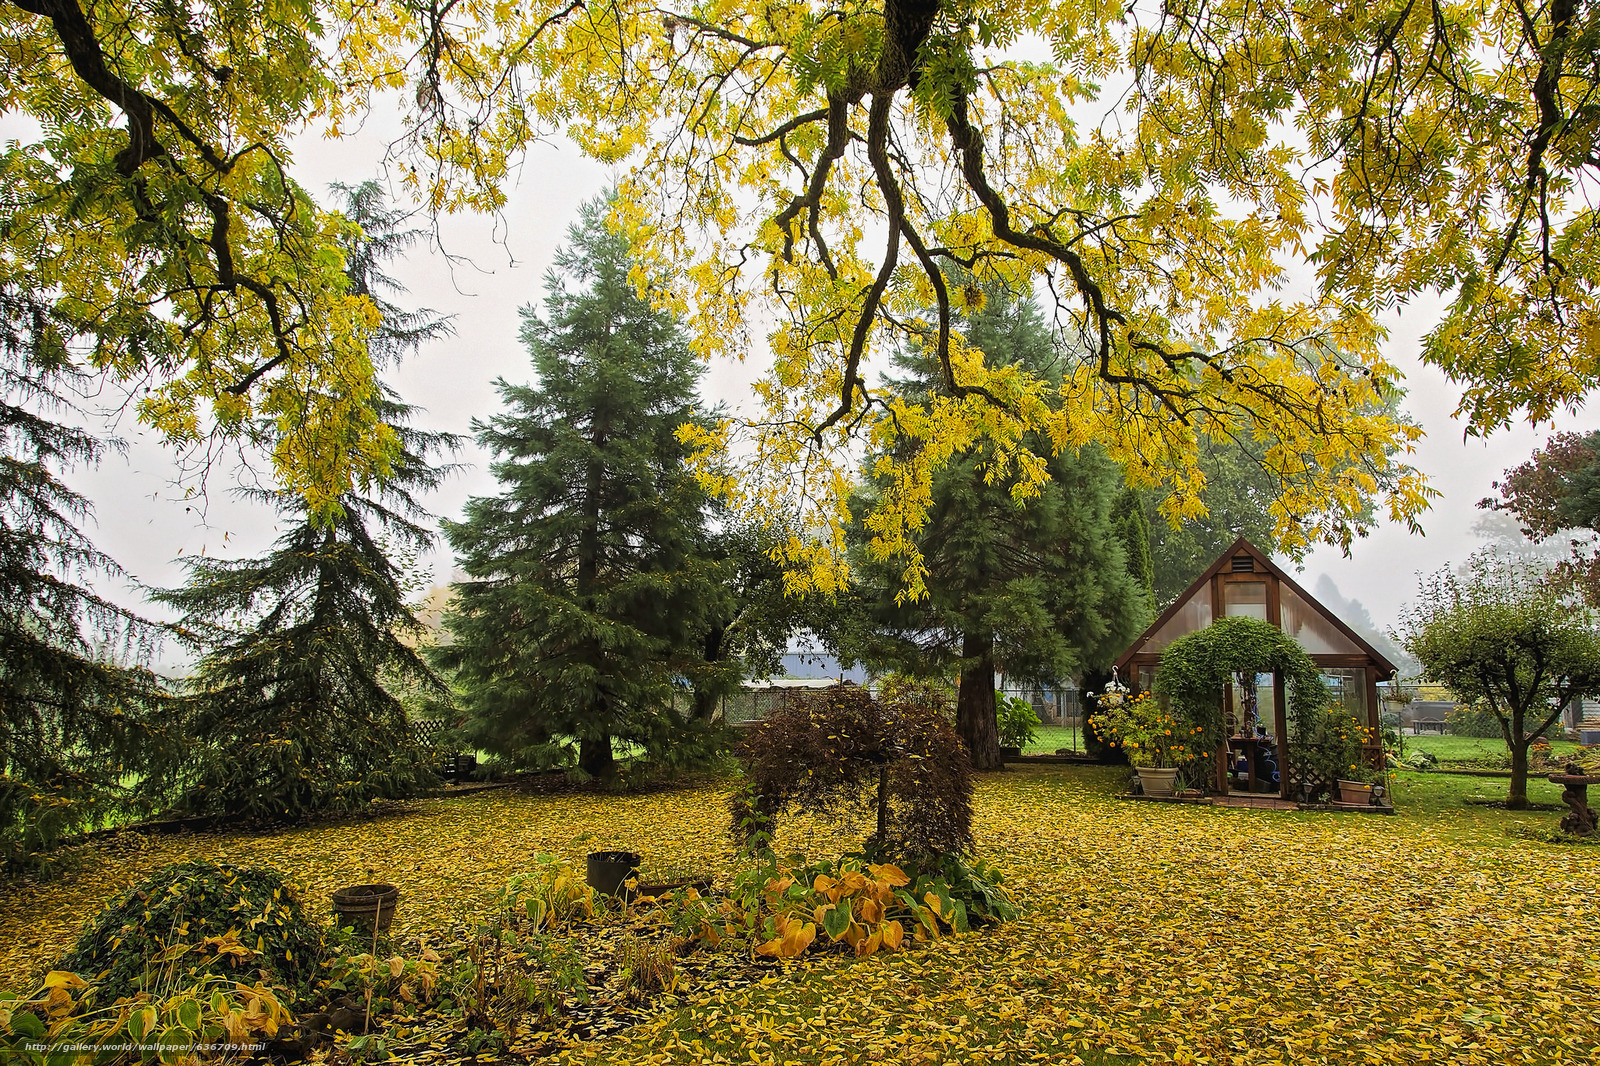 Скачать обои осень,  сад,  днревья,  домик бесплатно для рабочего стола в разрешении 2048x1365 — картинка №636709